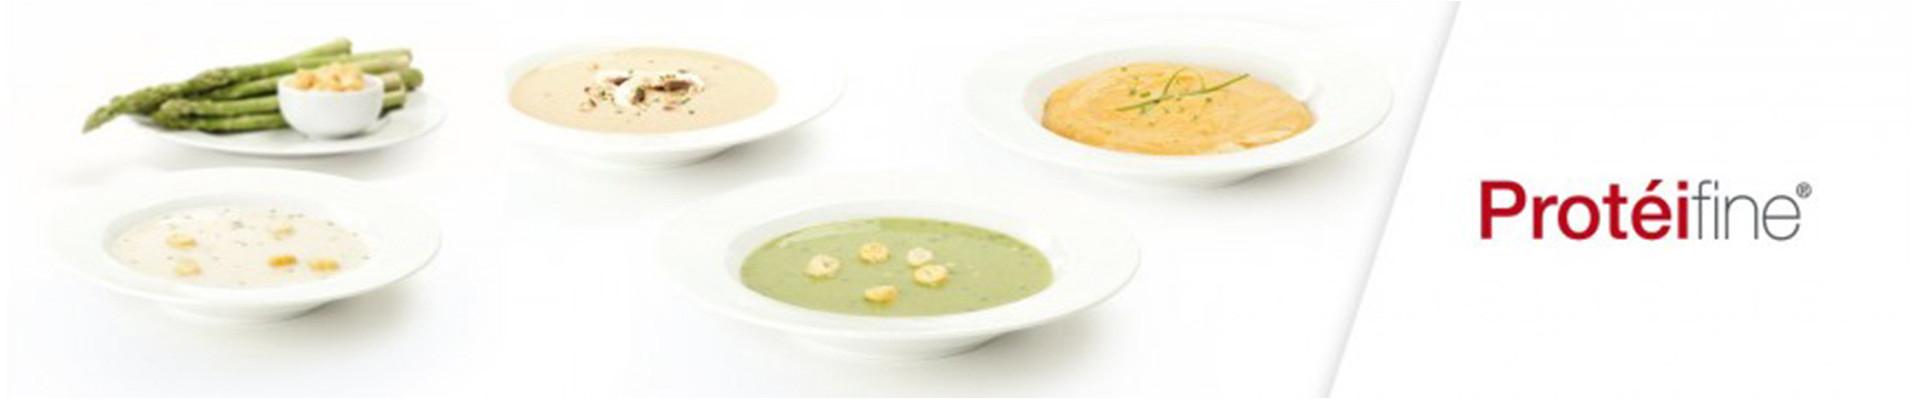 Soupes, Crèmes et Potages Protéifin